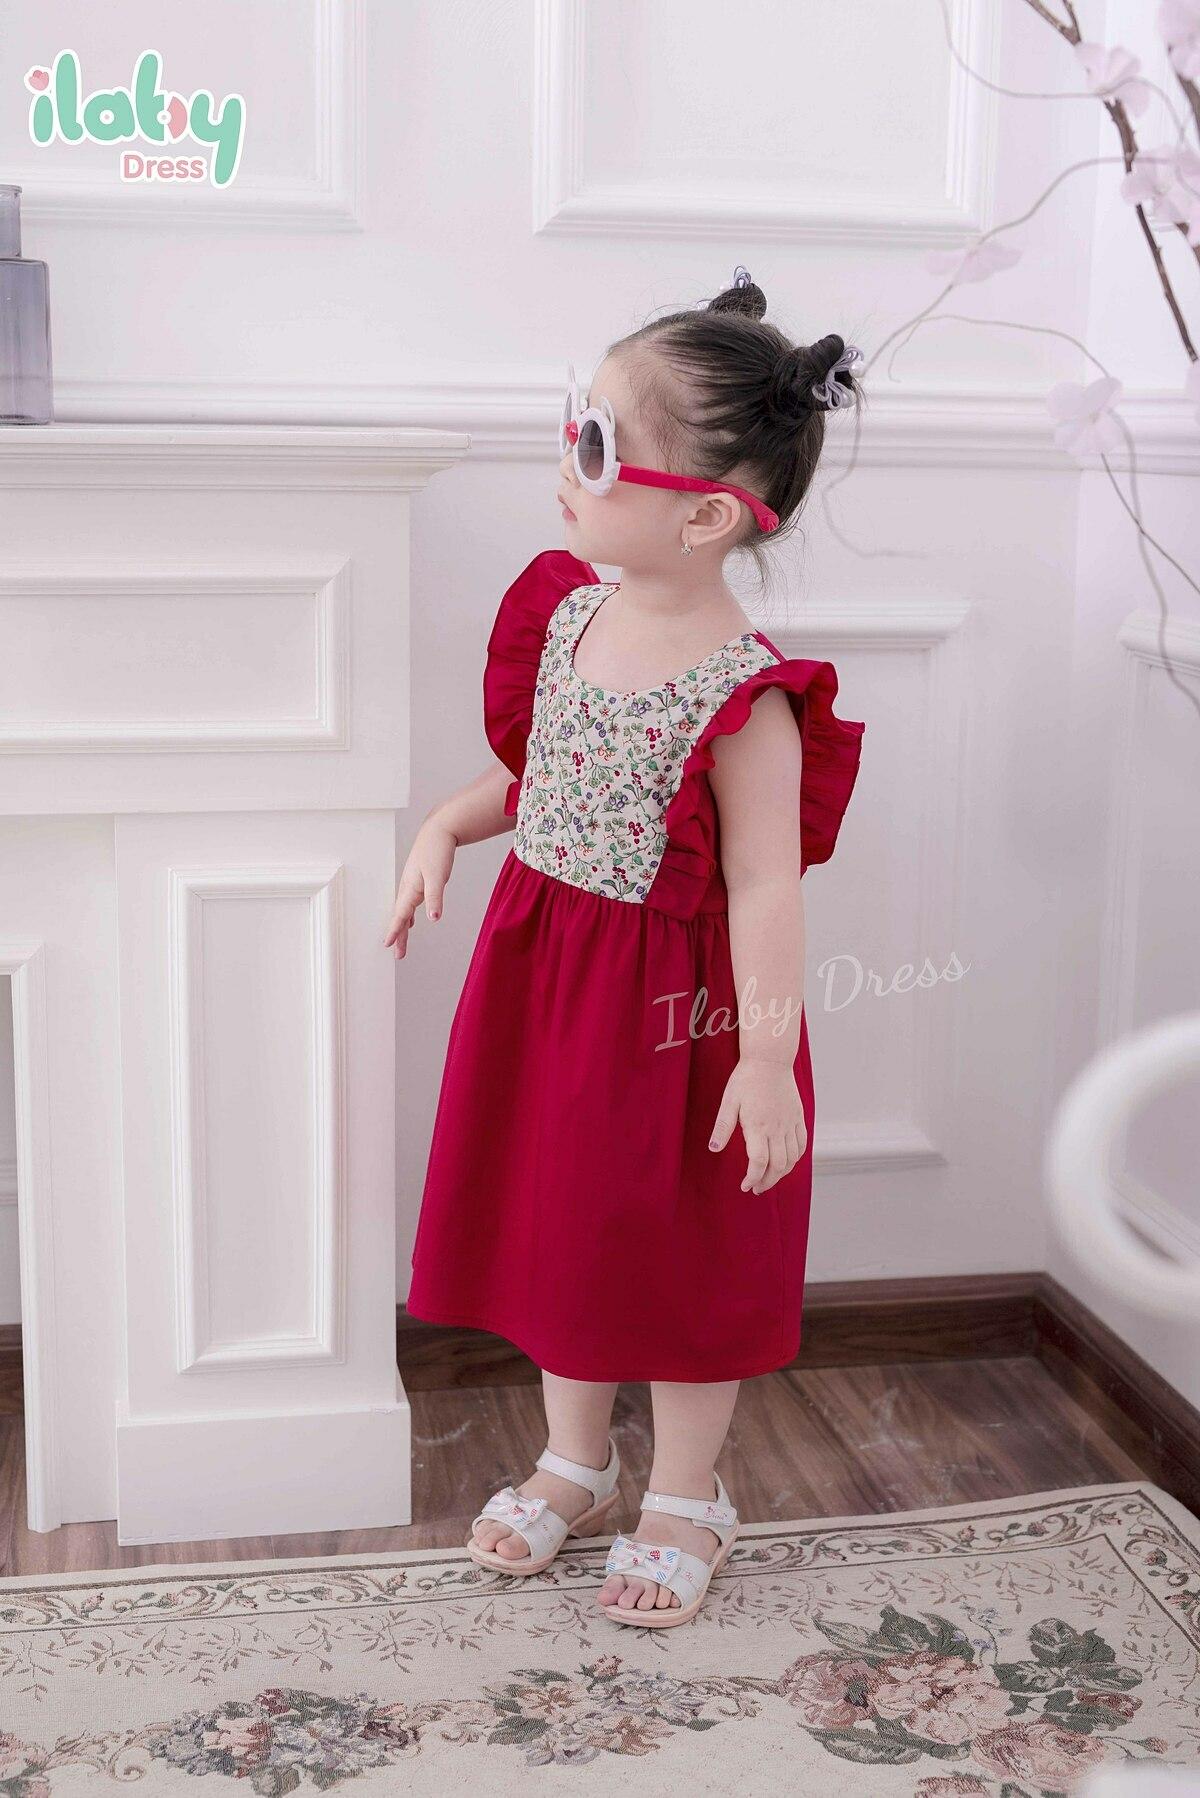 Với những nỗ lực và sự phát triển nhanh chóng, ILaby kỳ vọngsẽ dần trở thành thương hiệu thời trang trẻ em cao cấp hàng đầu Việt Nam.